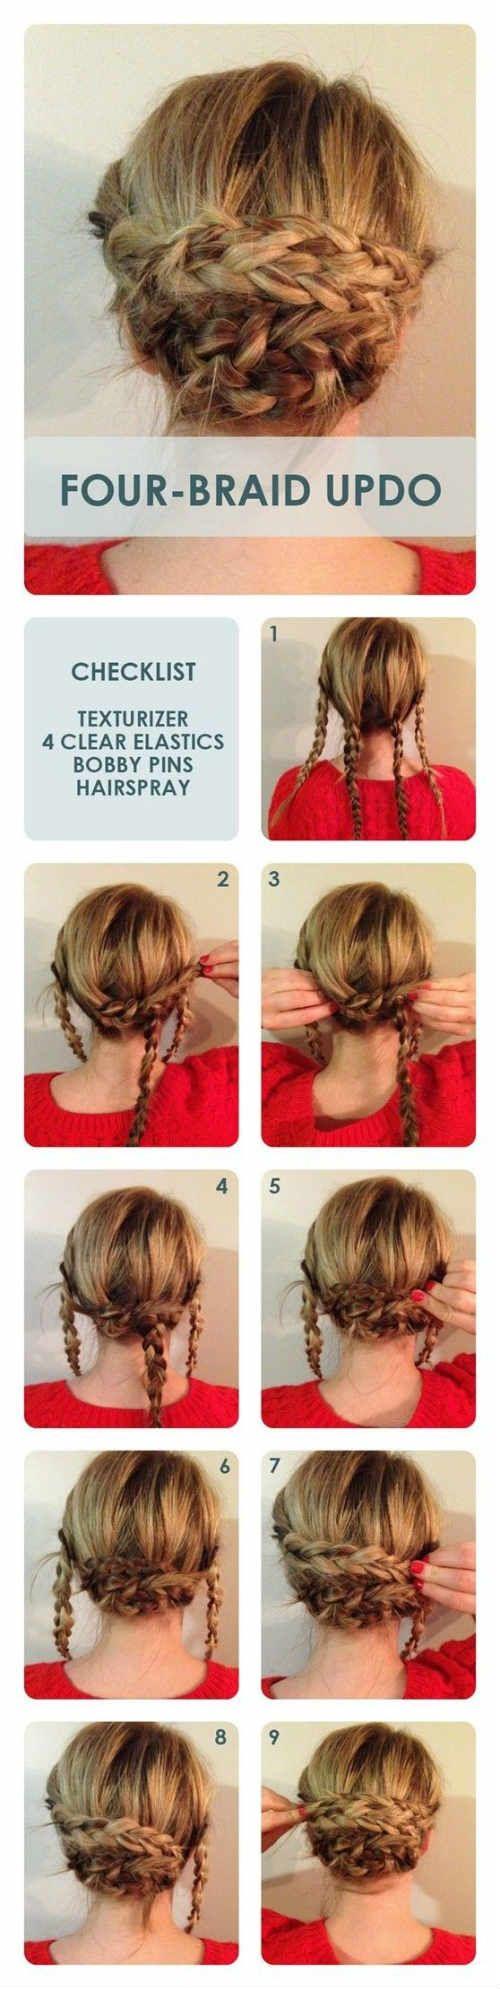 Si prefieres llevar el cabello recogido pero estás aburrida de la cola de caballo checa estos tutoriales de chongos que son súper fáciles de hacer.                                                                                                                                                                                 Más